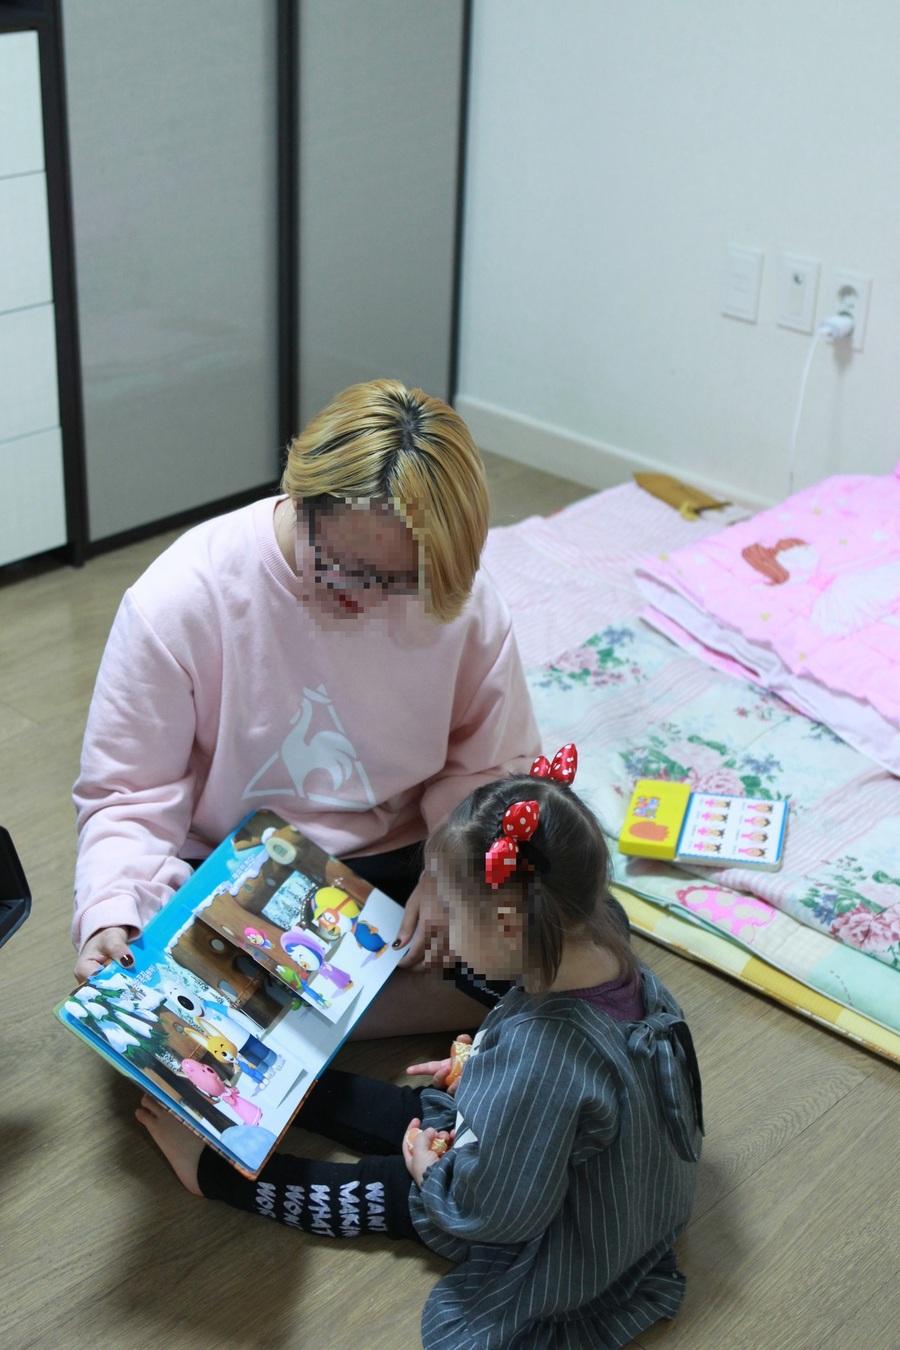 미혼모 김영은씨가 집에서 딸에게 책을 읽어주고 있다. 여성가족부 제공.